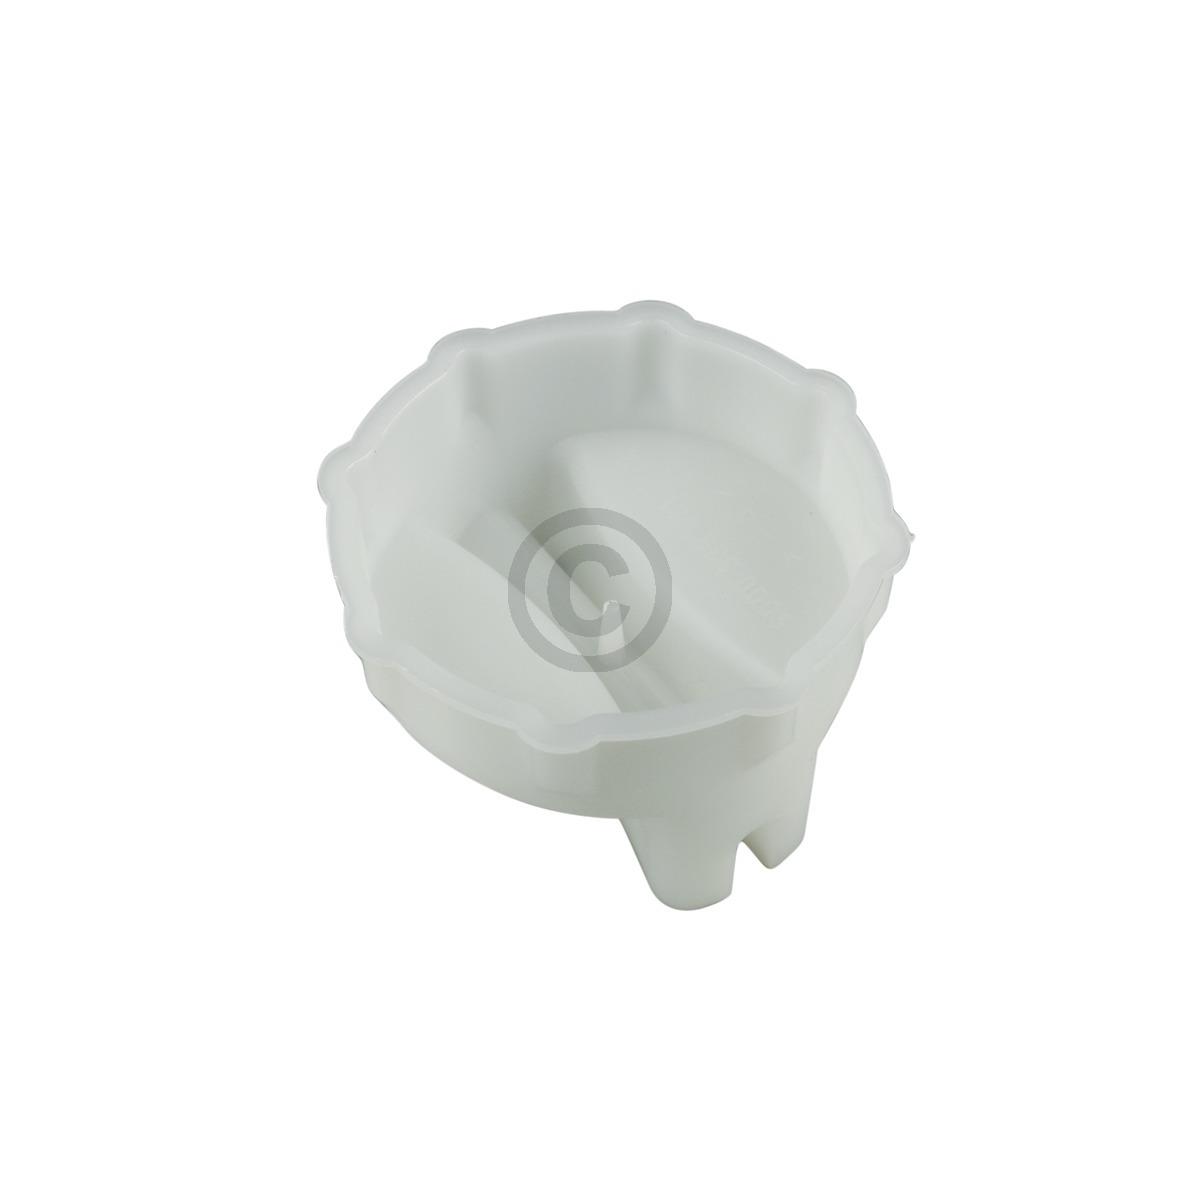 Hilfswerkzeug für die Lampenabdeckung 00613634 613634 Bosch, Siemens, Neff